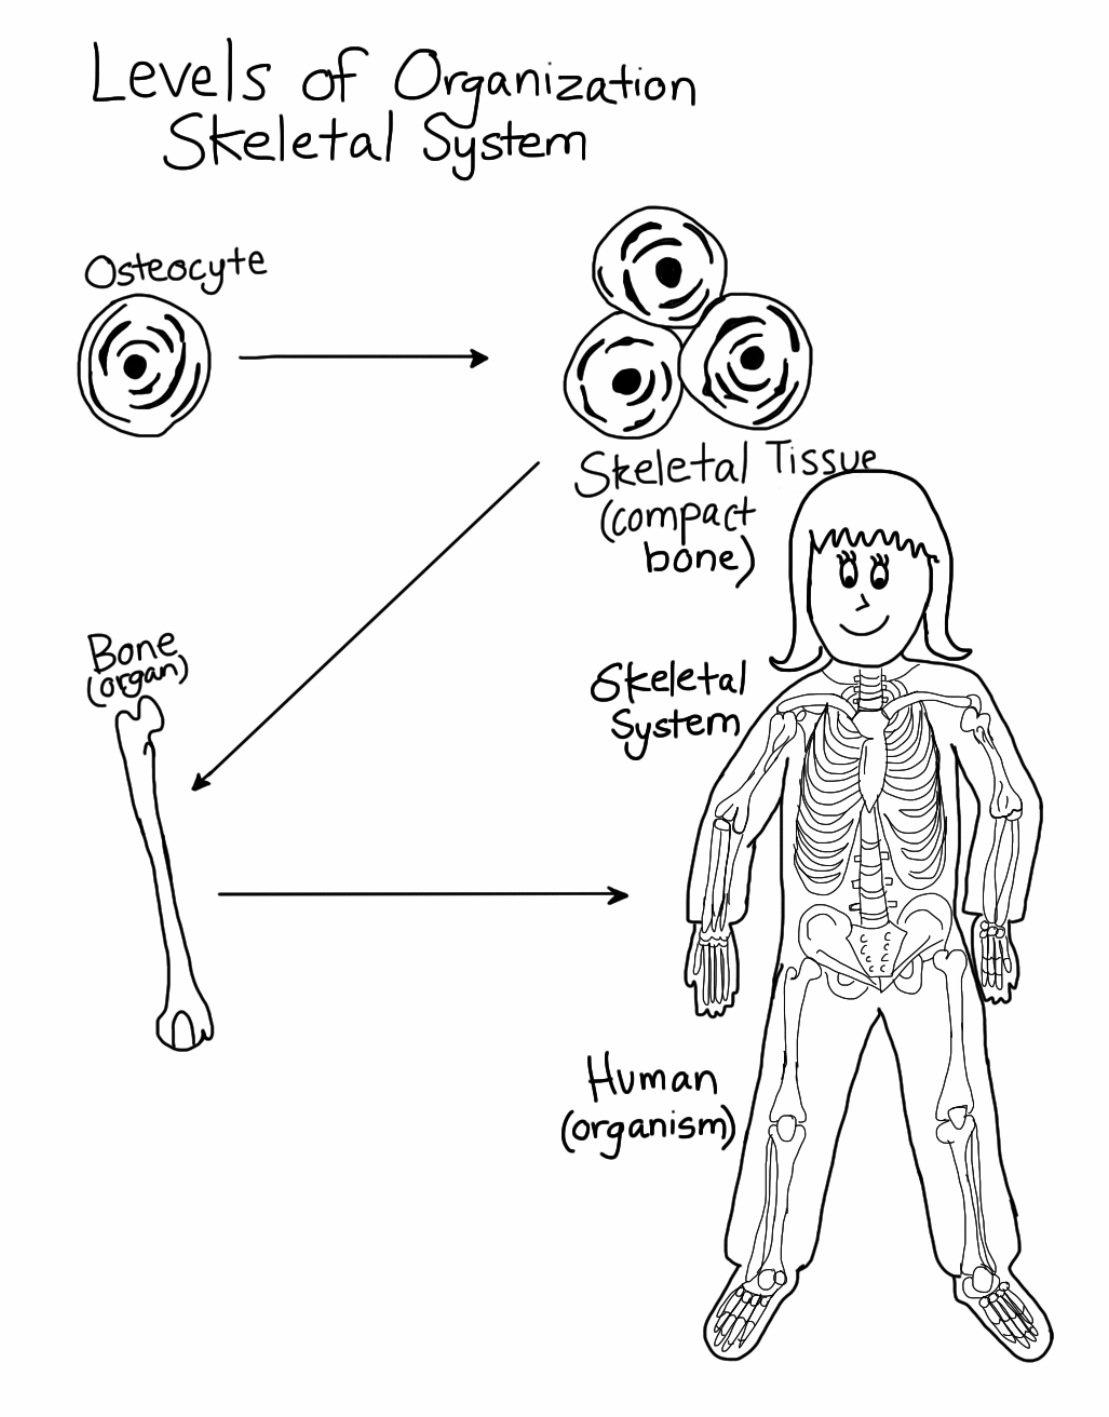 skeletal system  levels of organization